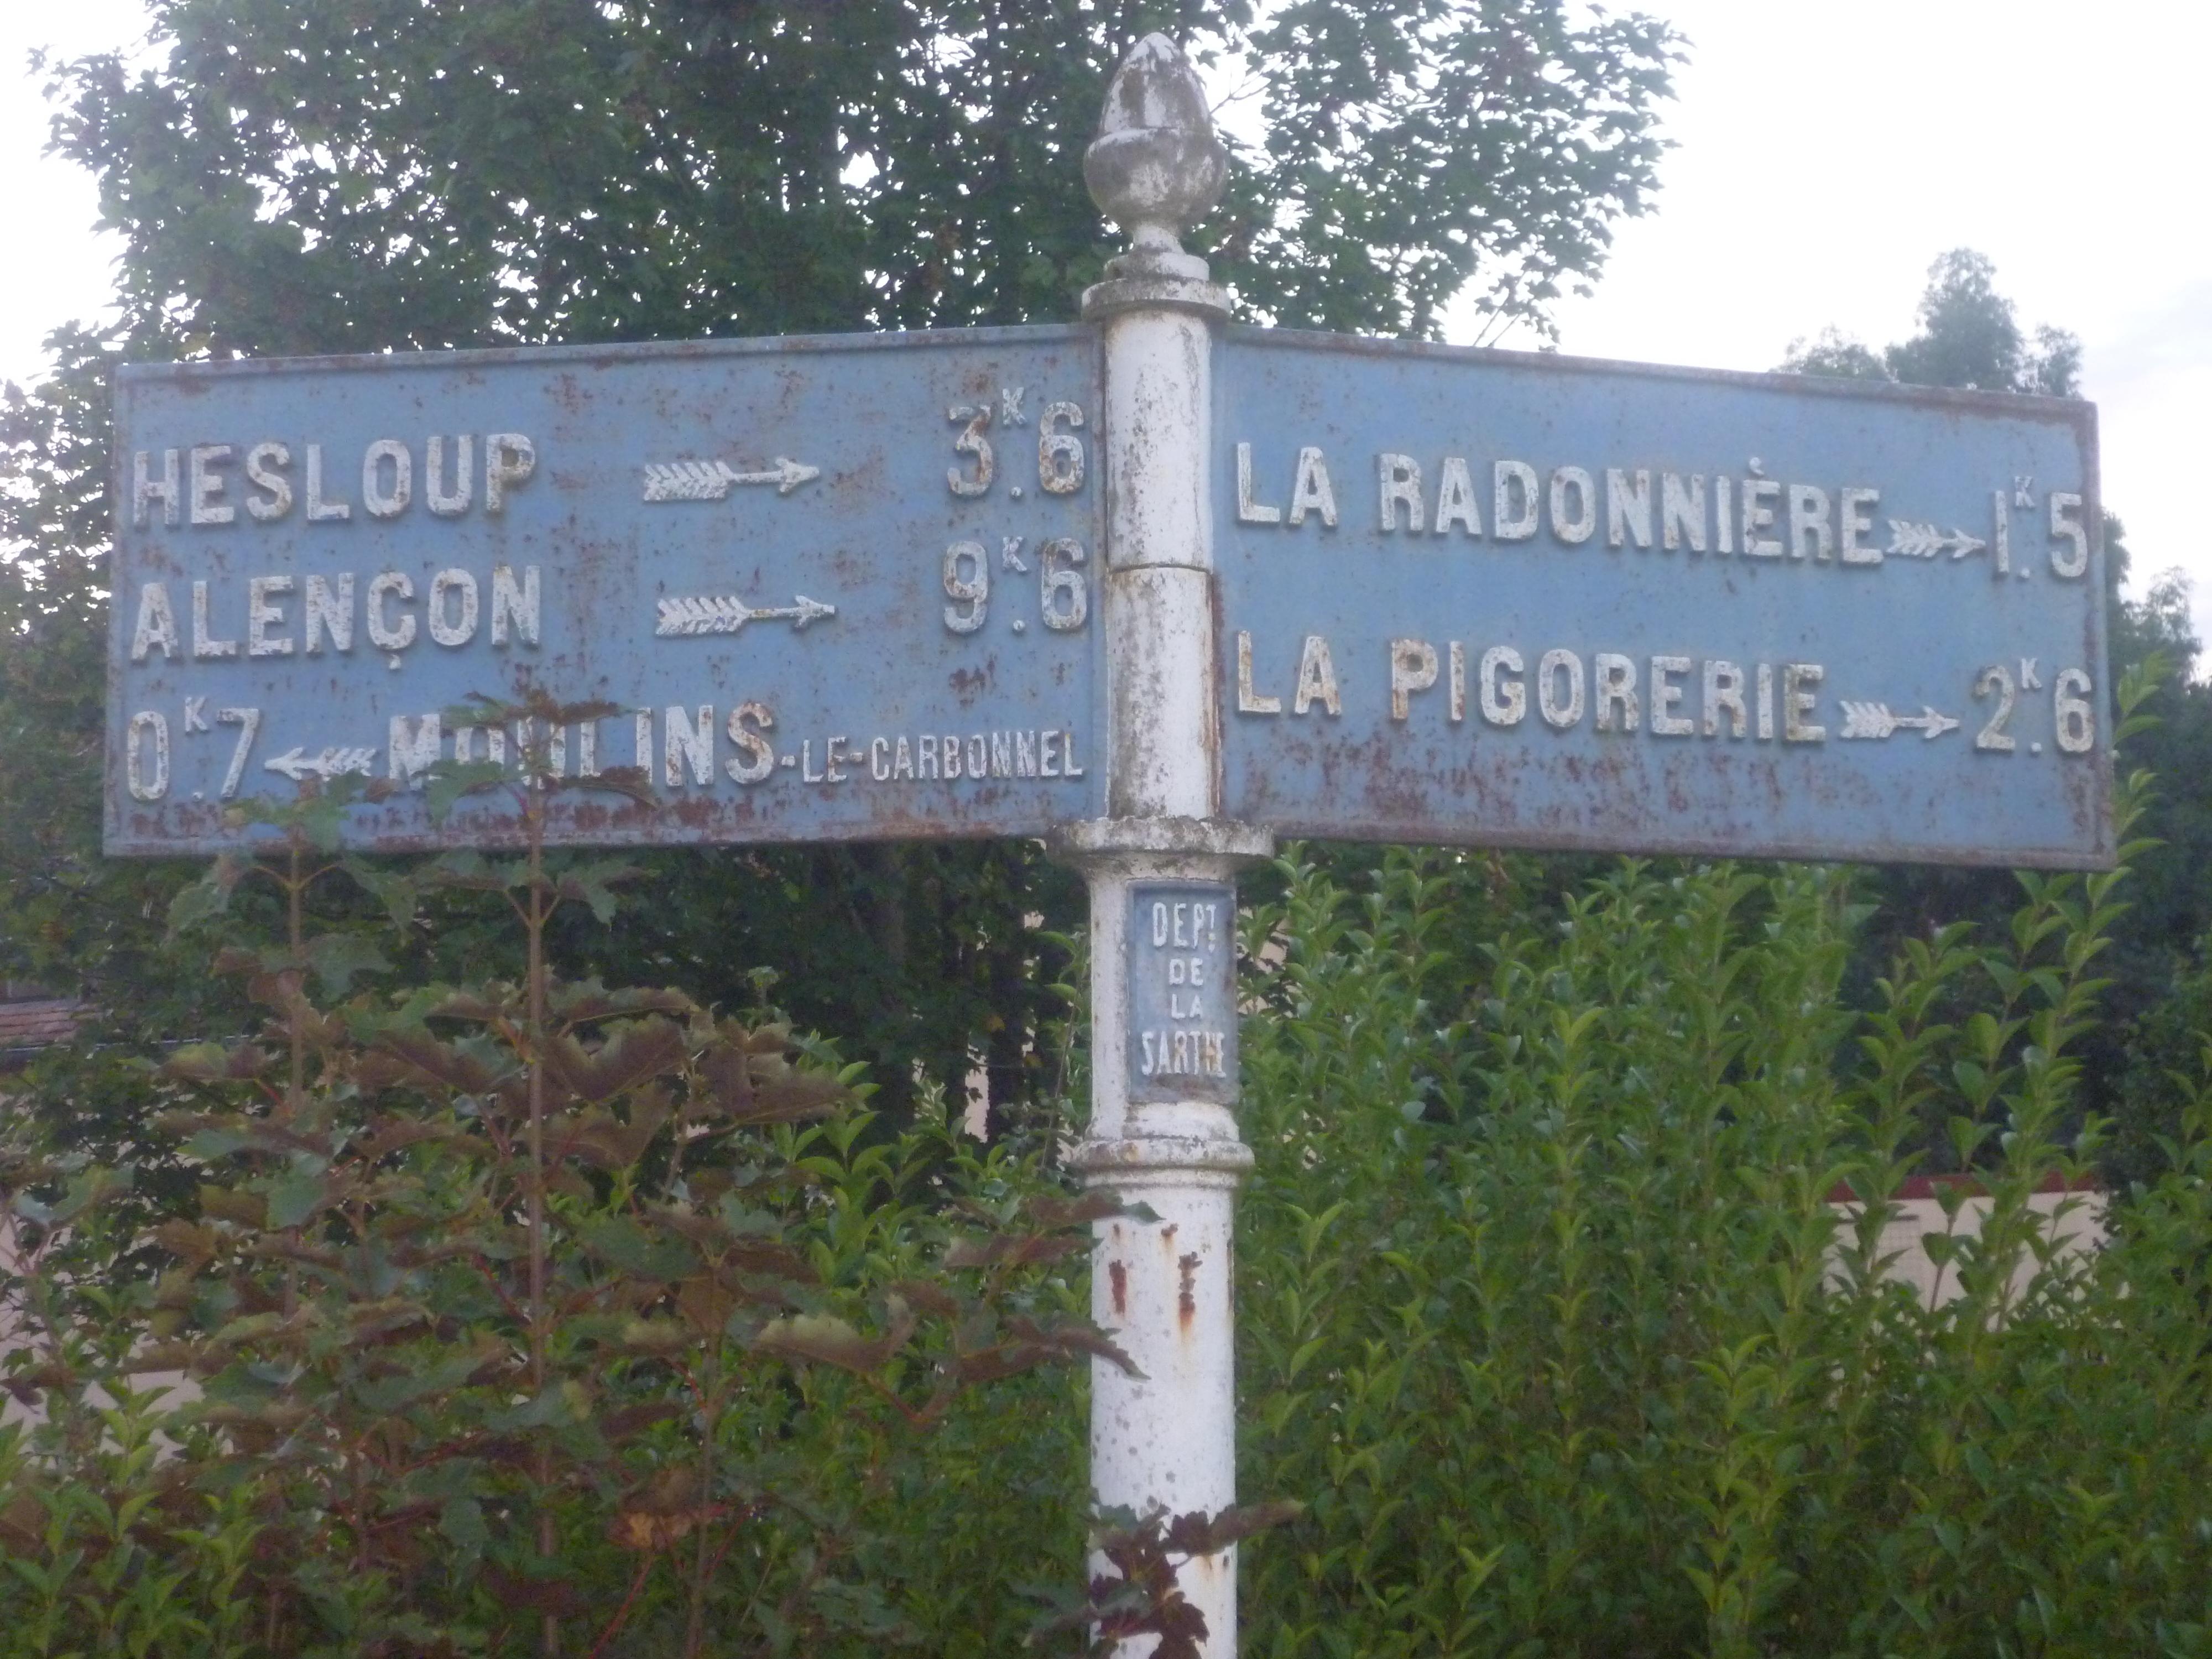 Moulins le Carbonnel, lieu dit La Poterie sur la D150 - Plaque de cocher - Hesloup - Alençon - Moulins le Carbonnel - La Radonnière - La Pigorerie (Gwéna Tireau)